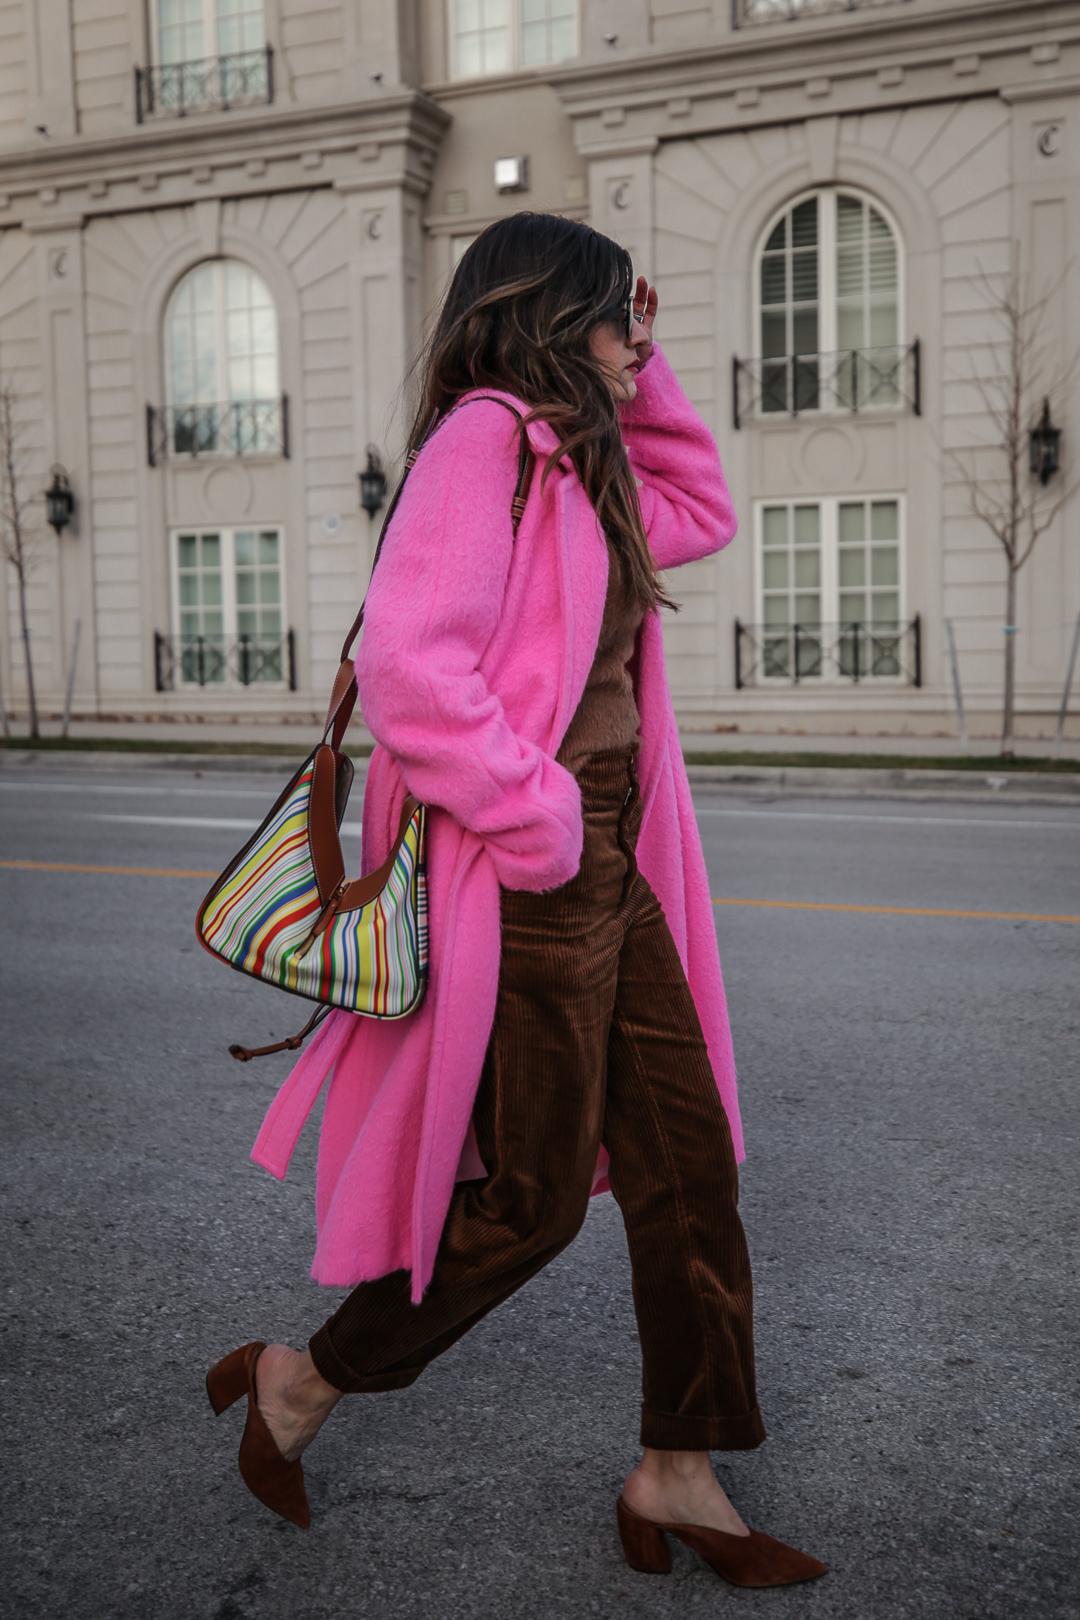 Nathalie Martin wearing Helmut Lang pink belt tie wool coat, brown corduroy pants, Zara brown textured sweater, Prada brown suede mules, Loewe striped Hammock bag, Bonlook Class sunglasses, street style, woahstyle.com_5195.jpg